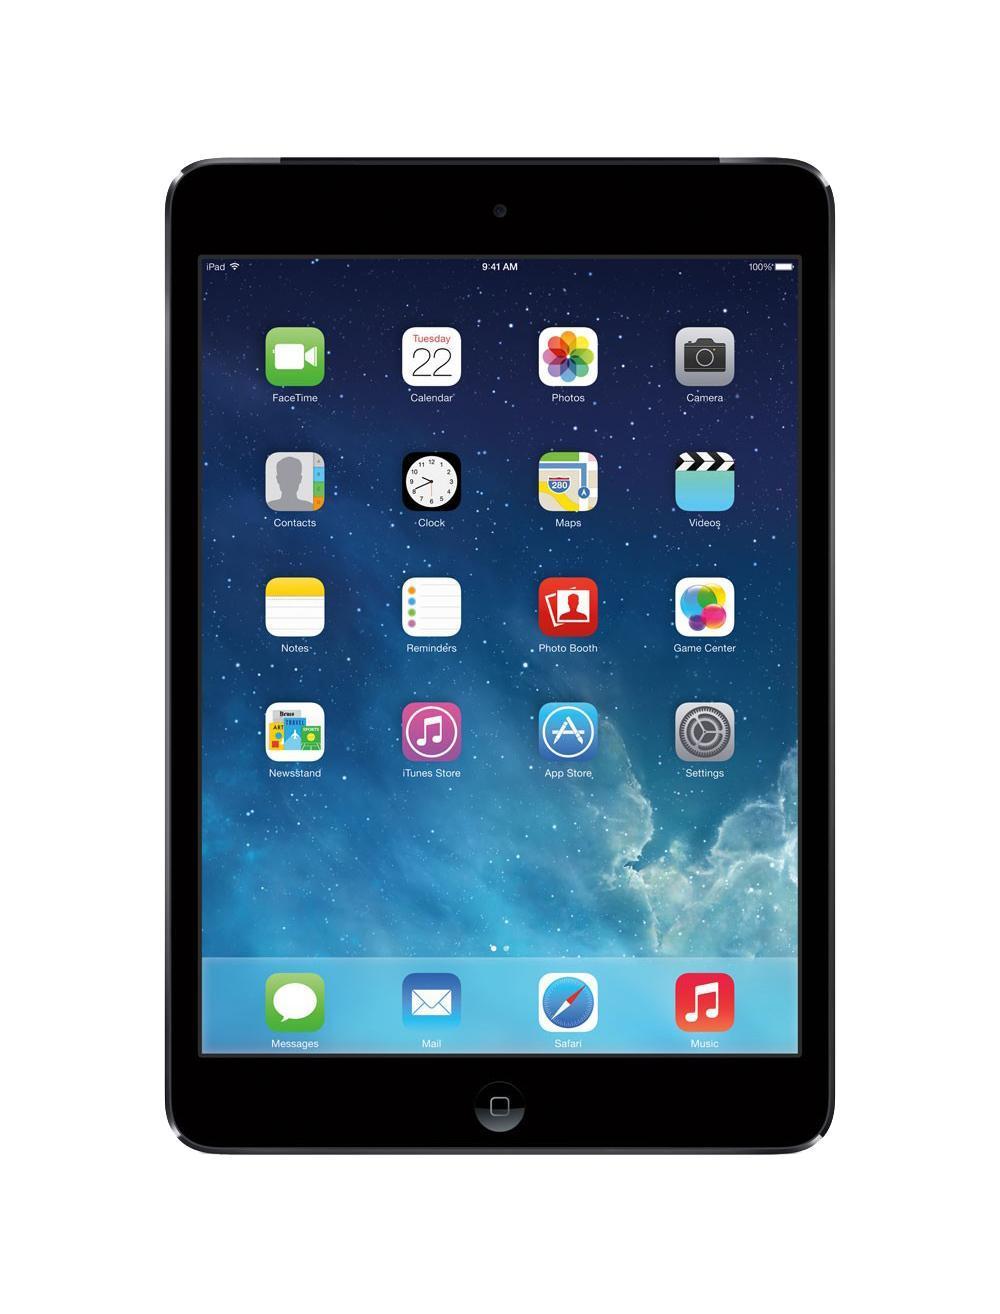 Apple iPad mini 2 Wi-Fi + Cellular 32GB, Space GrayME820RU/AМощный процессор A57 Процессор A7 имеет 64-разрядную архитектуру класса настольных компьютеров и отличается от предыдущих поколений передовыми графическими возможностями и улучшенной обработкой сигнала изображения. Благодаря четырехкратному приросту производительности центрального и восьмикратному графического процессоров на iPad mini с дисплеем Retina любые задачи выполняются быстрее и эффективнее - от загрузки приложений и редактирования фотографий до игр со сложной графикой, при этом заряда аккумулятора по-прежнему хватает на весь день. Процессор А7 с 64-битной архитектурой и поддержкой OpenGL ES версии 3.0 обеспечивает визуальные эффекты на уровне игровой консоли. Кроме того, iPad mini оснащен сопроцессором движения M7, который собирает данные с датчика ускорения, гироскопа и компаса, чтобы разгрузить процессор A7 и повысить энергоэффективность. Дисплей идеального размера с подсветкой LED. На дисплее Retina нового iPad mini...